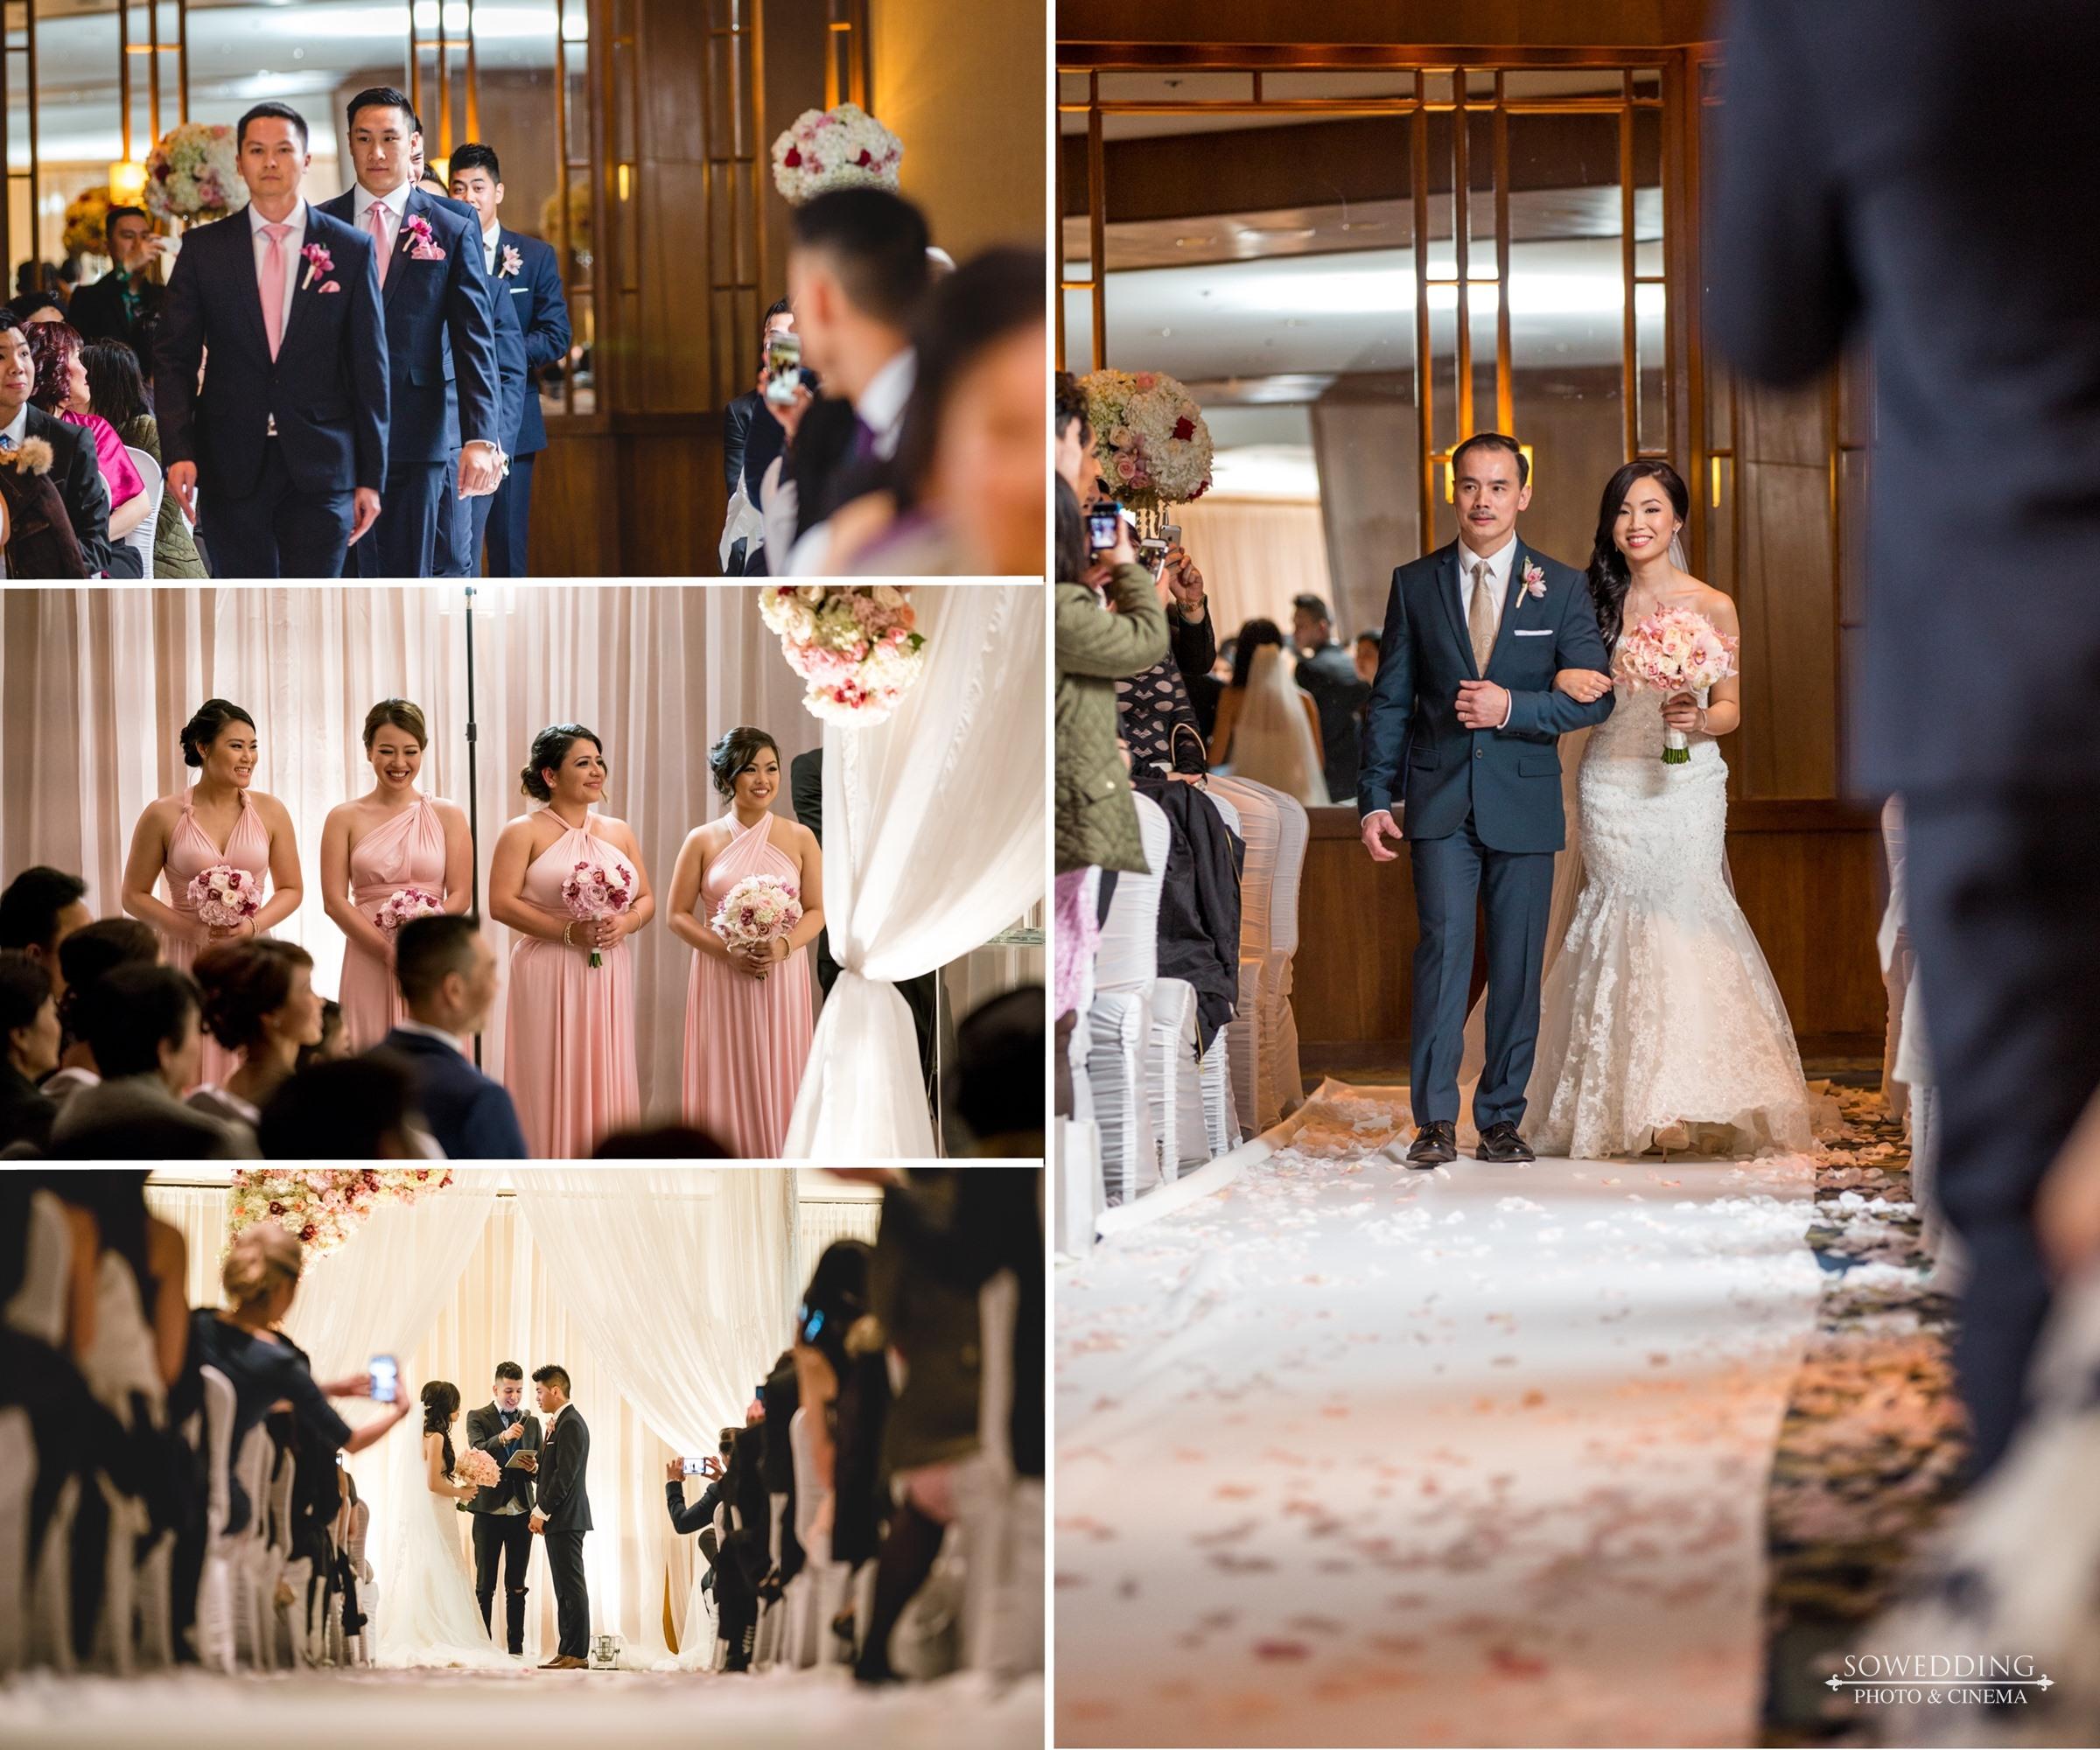 Four seasons hotel wedding - sowedding